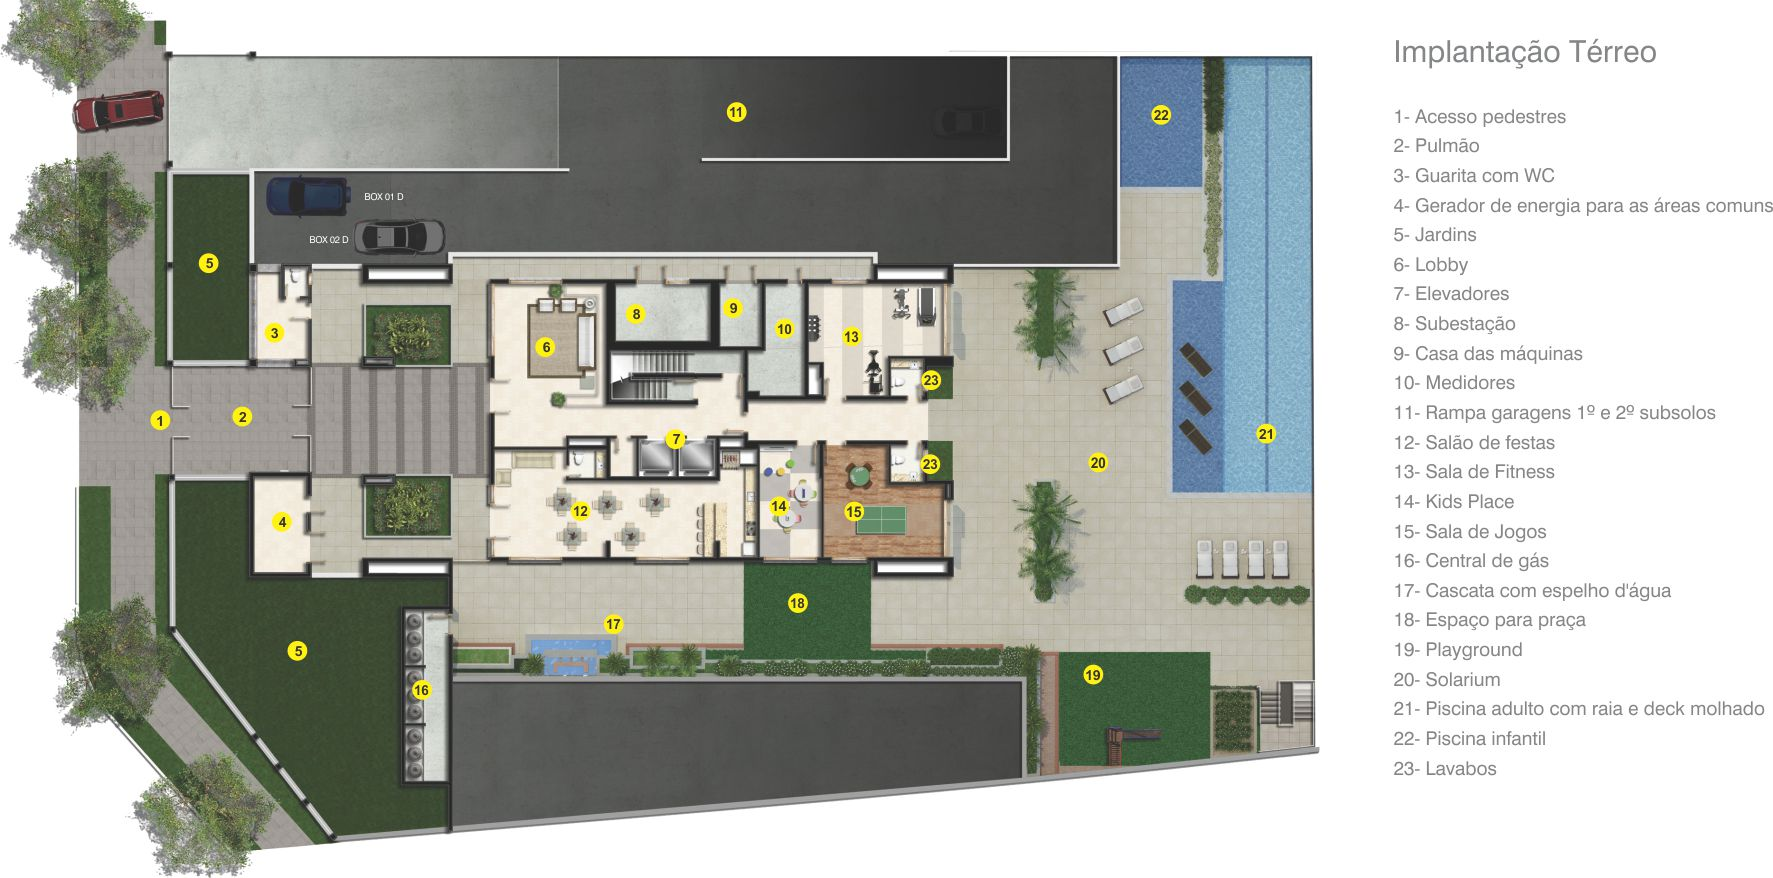 Localizado no bairro Santana com fachada em revestimentos texturizados; Lobby de 42,47m; 2 elevadores; Apartamento zelador; Lavanderia condominial; Copa e banhos para diaristas; Gerador de energia para as áreas comuns;  Infraestrutura de lazer;  Segurança planejada com guarita e pulmão.